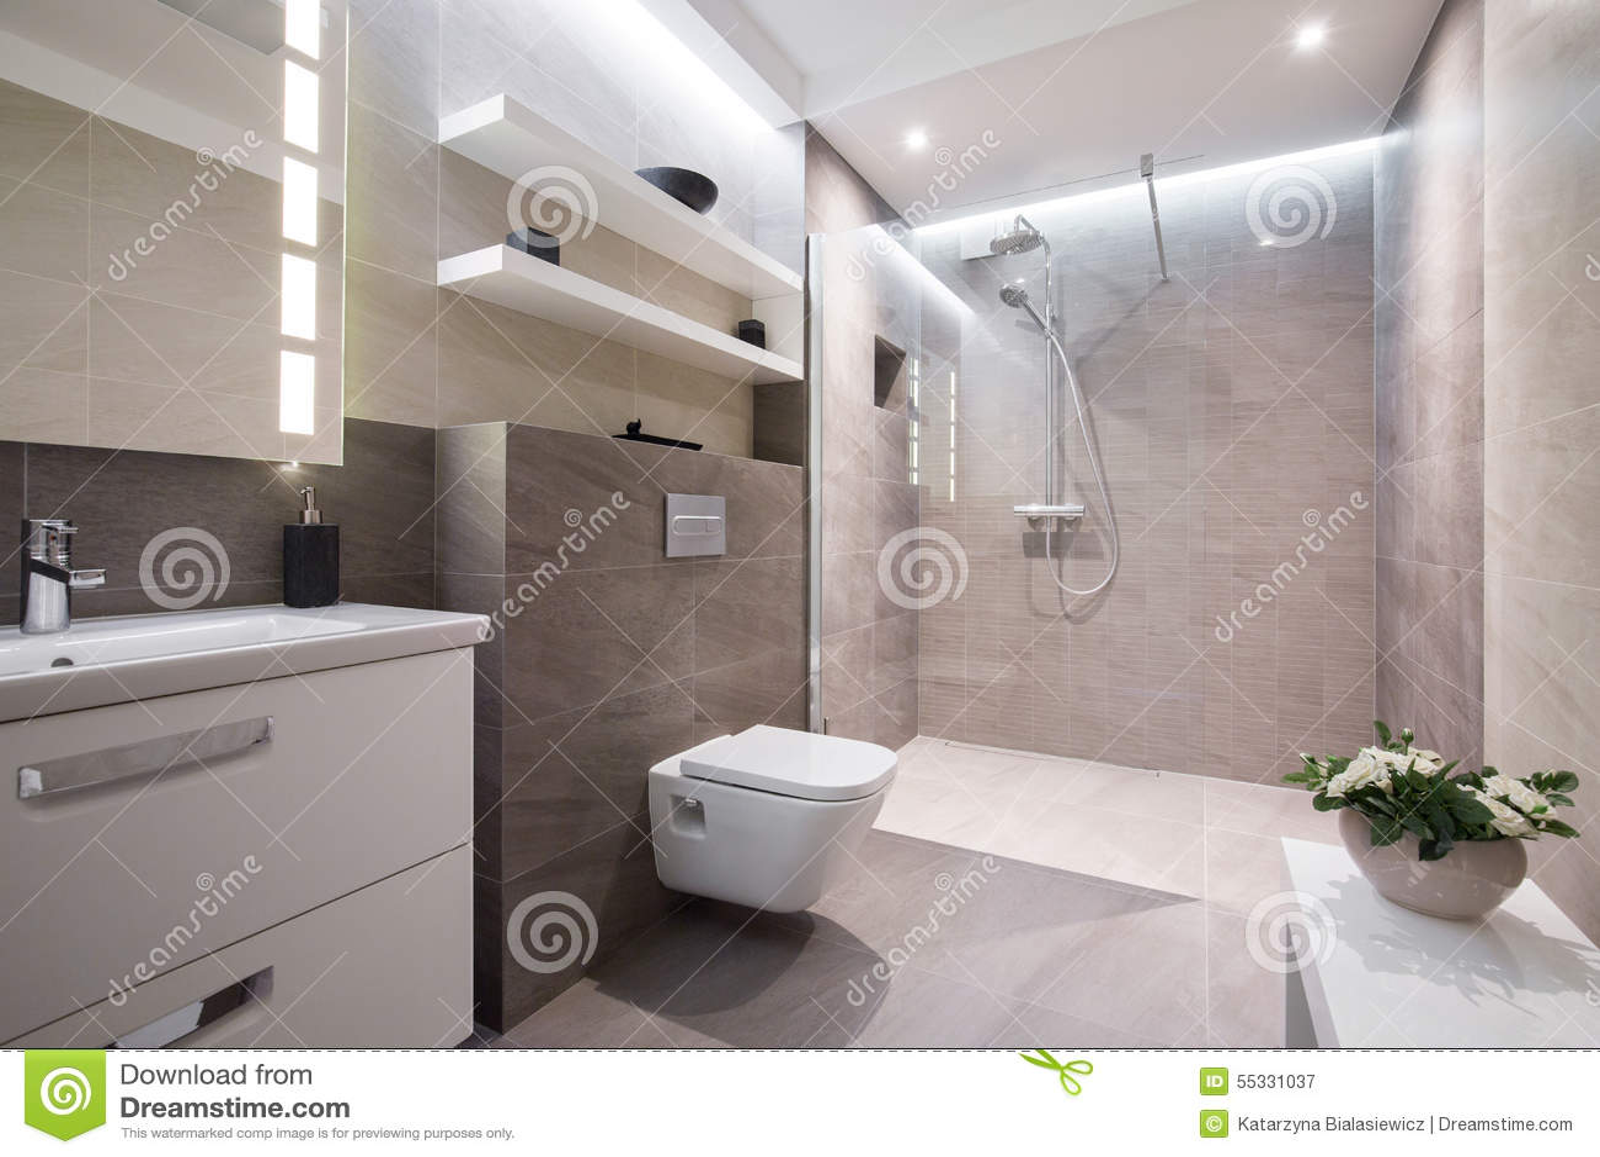 Исключительная современная ванная комната